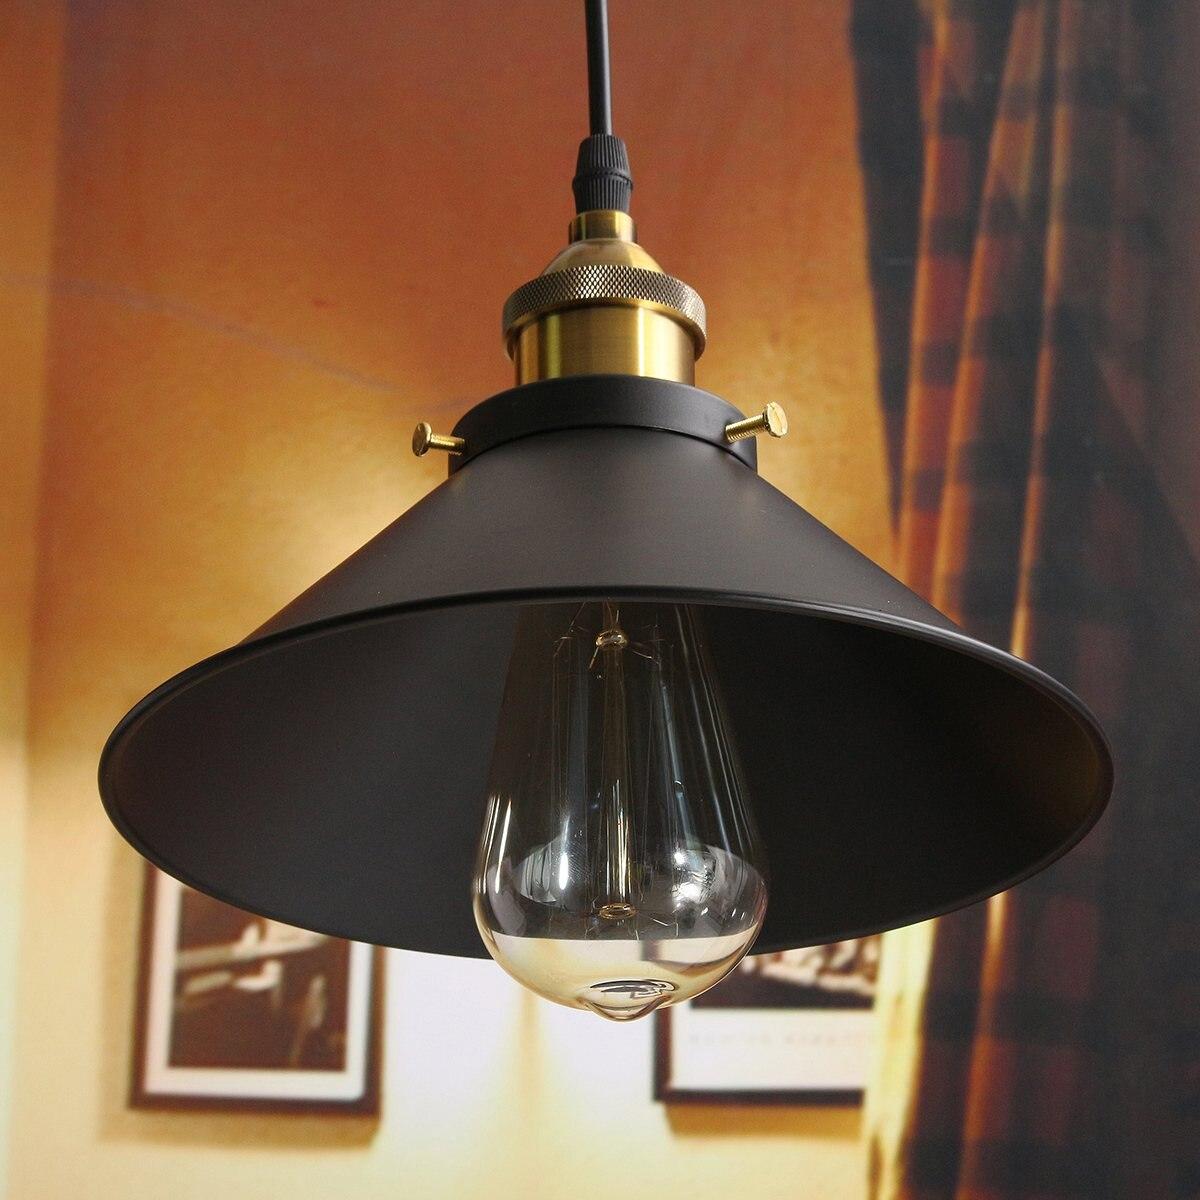 Brilliant Retro Deckenleuchte Galerie Von Lampe Runde Jahrgang Trielle Design Eisen Vintage